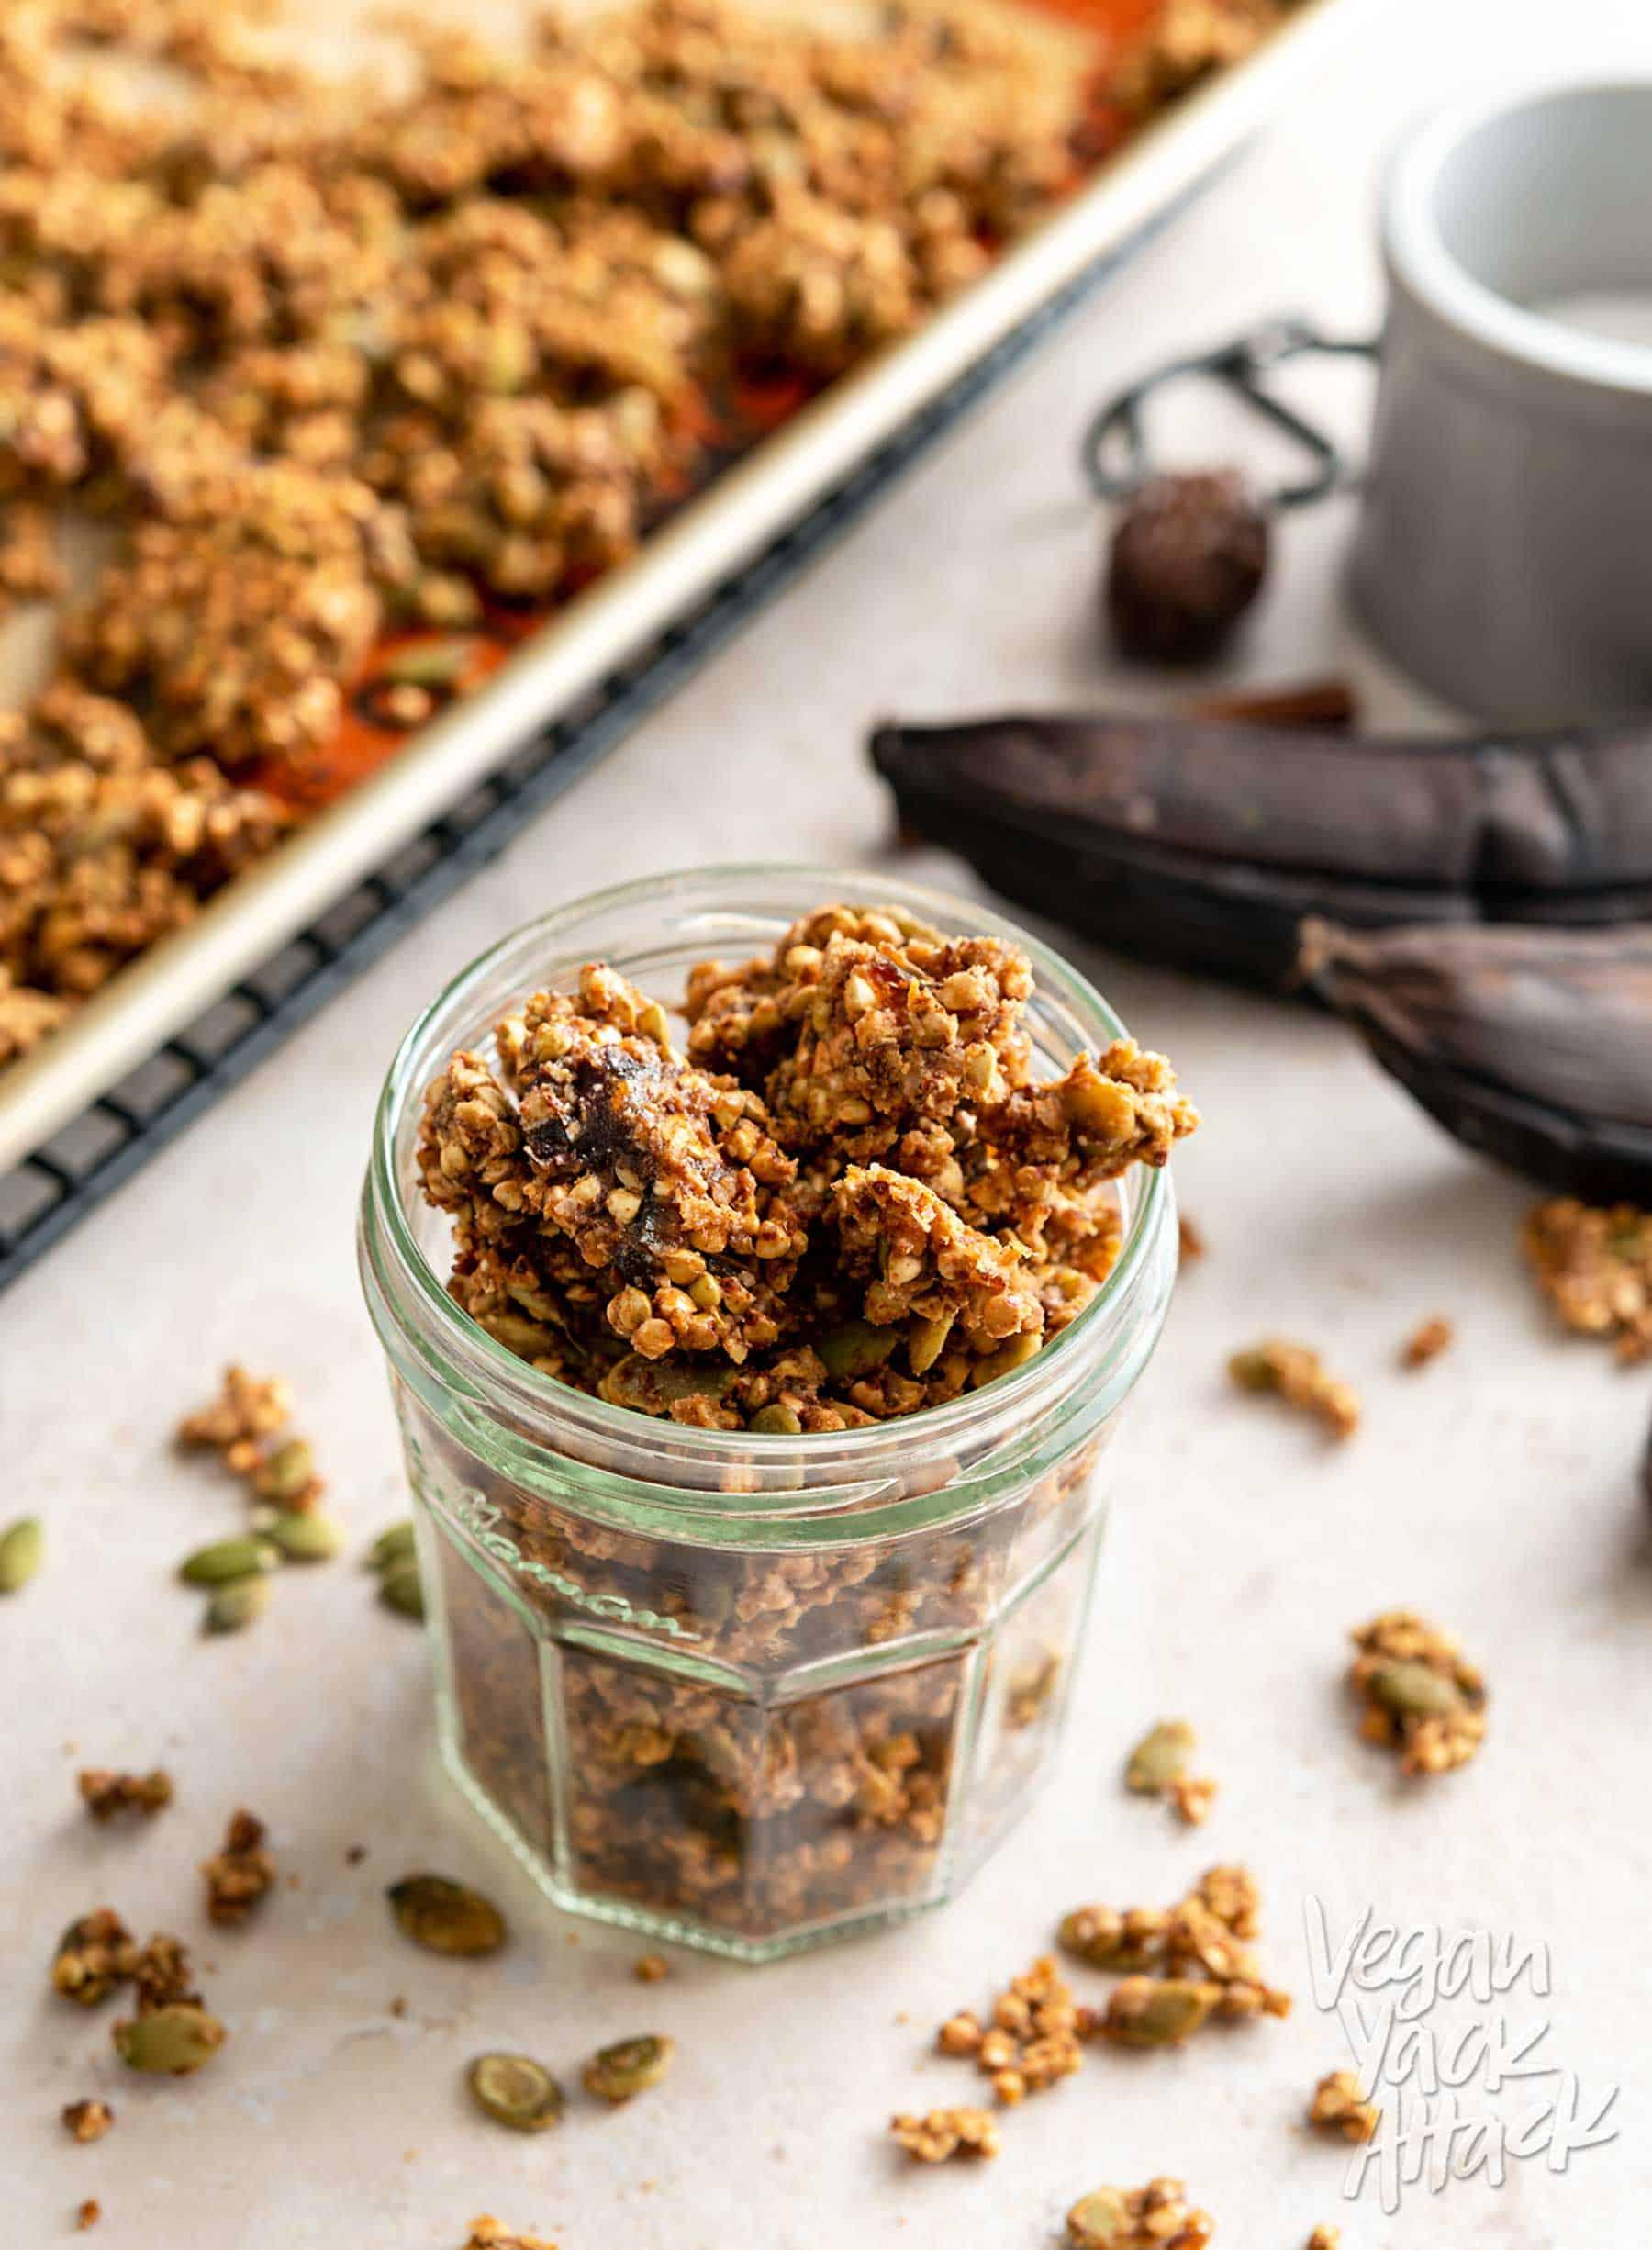 Jar of buckwheat granola next to ripe bananas and baking sheet